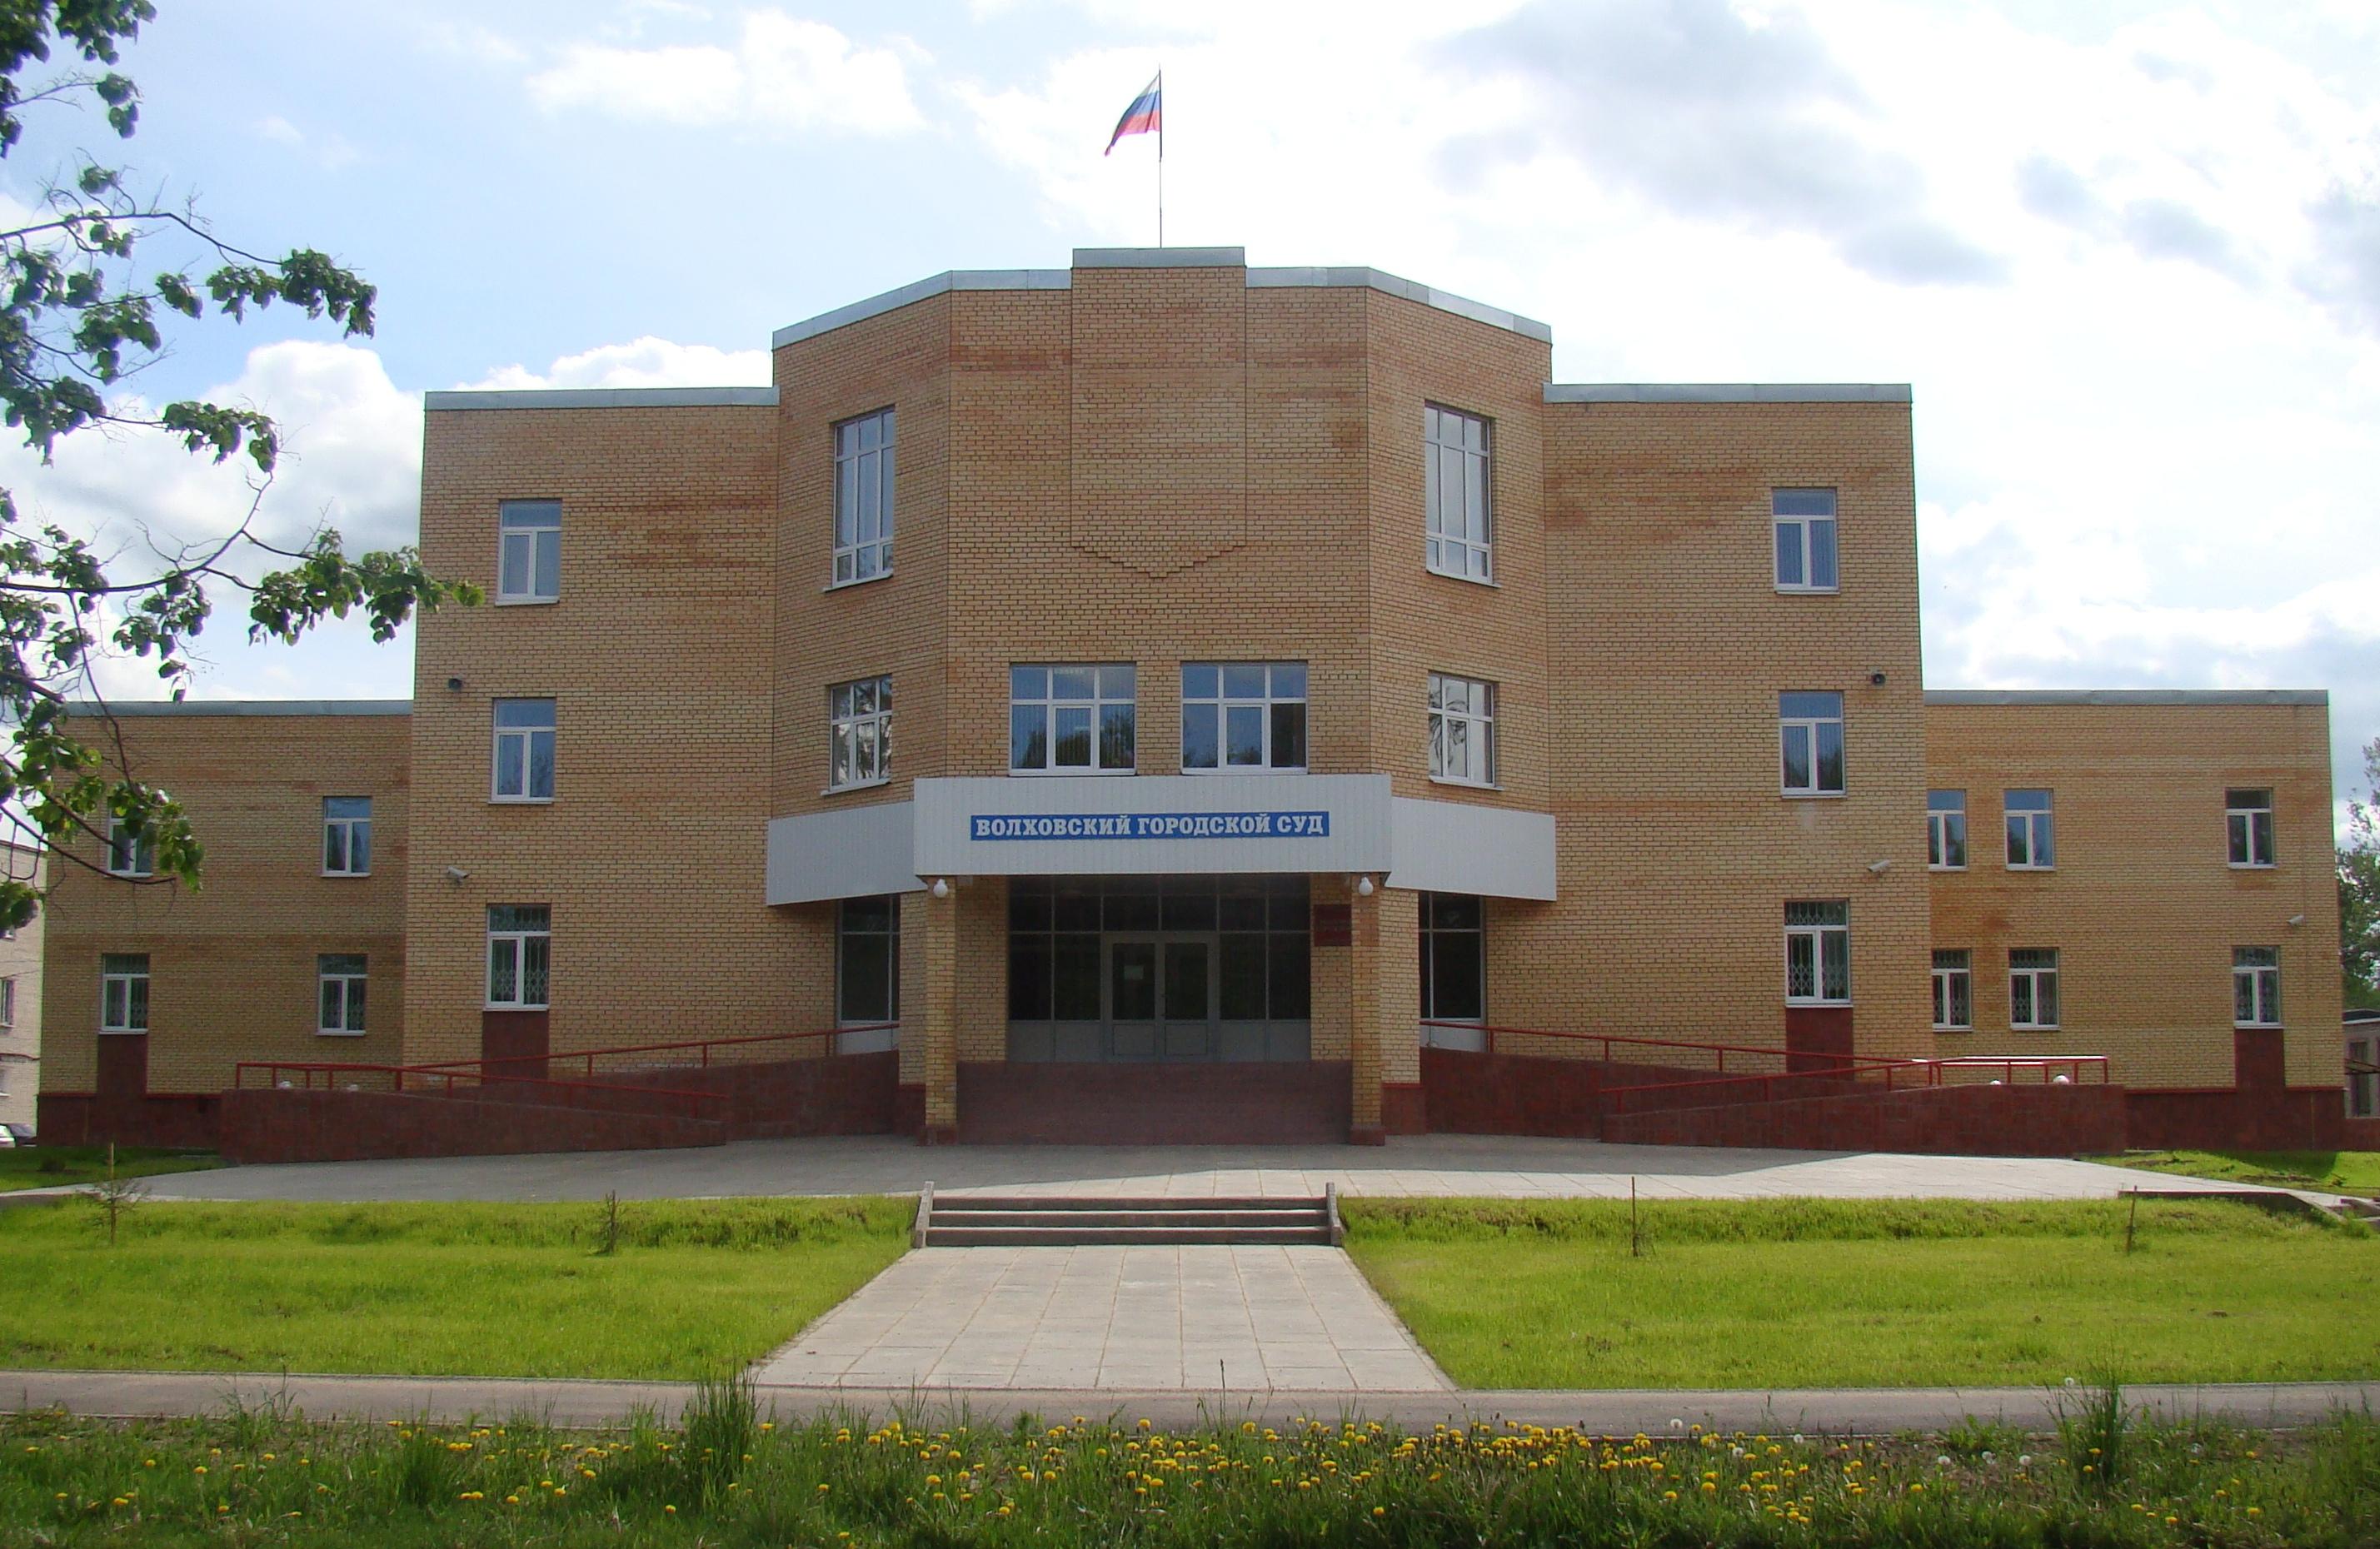 VolhovskijВолховский городской суд: телефон, реквизиты госпошлины, как проехать